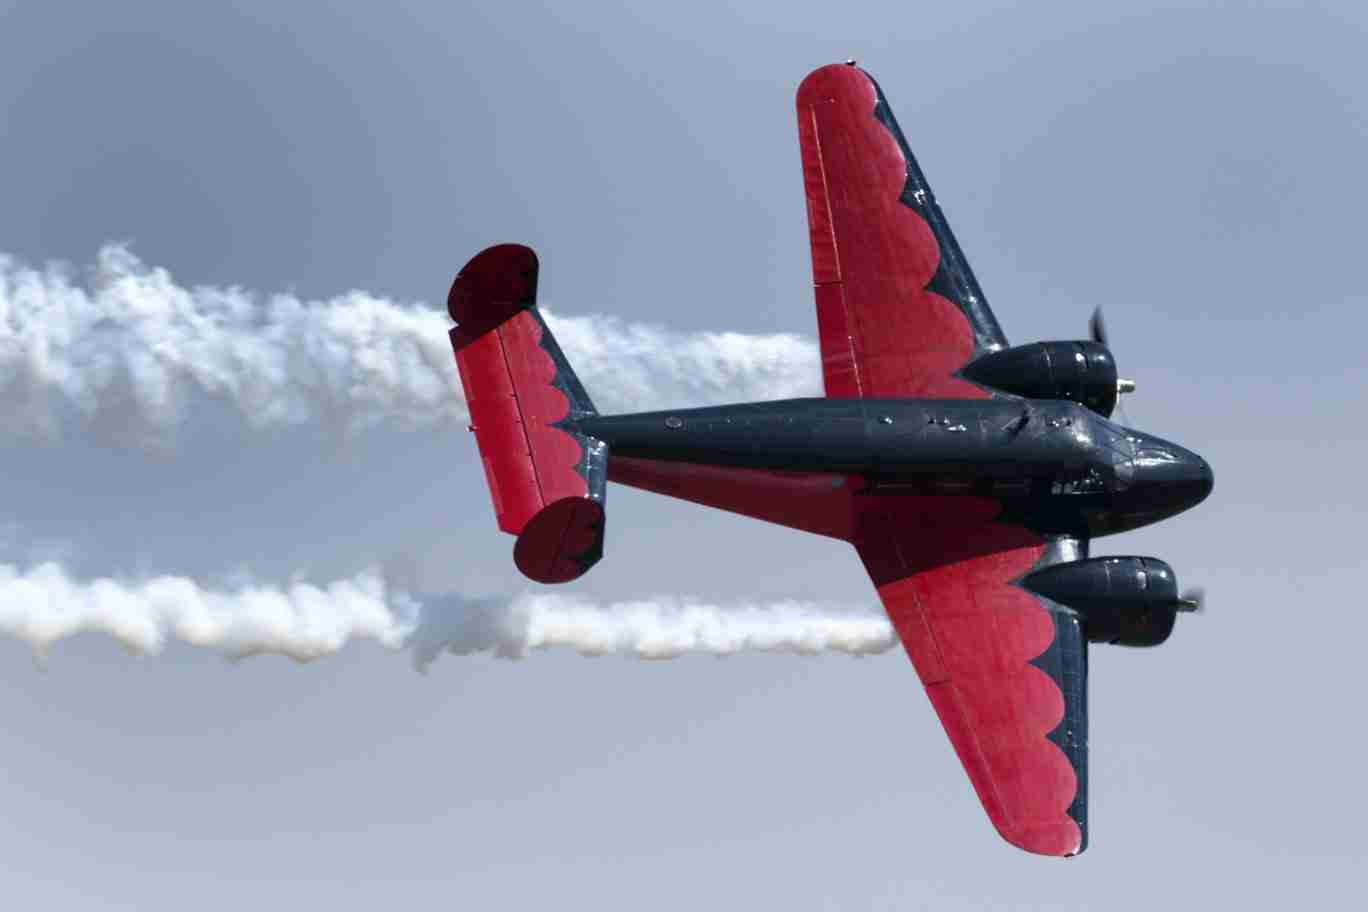 Beech 18 Plane in a Turn